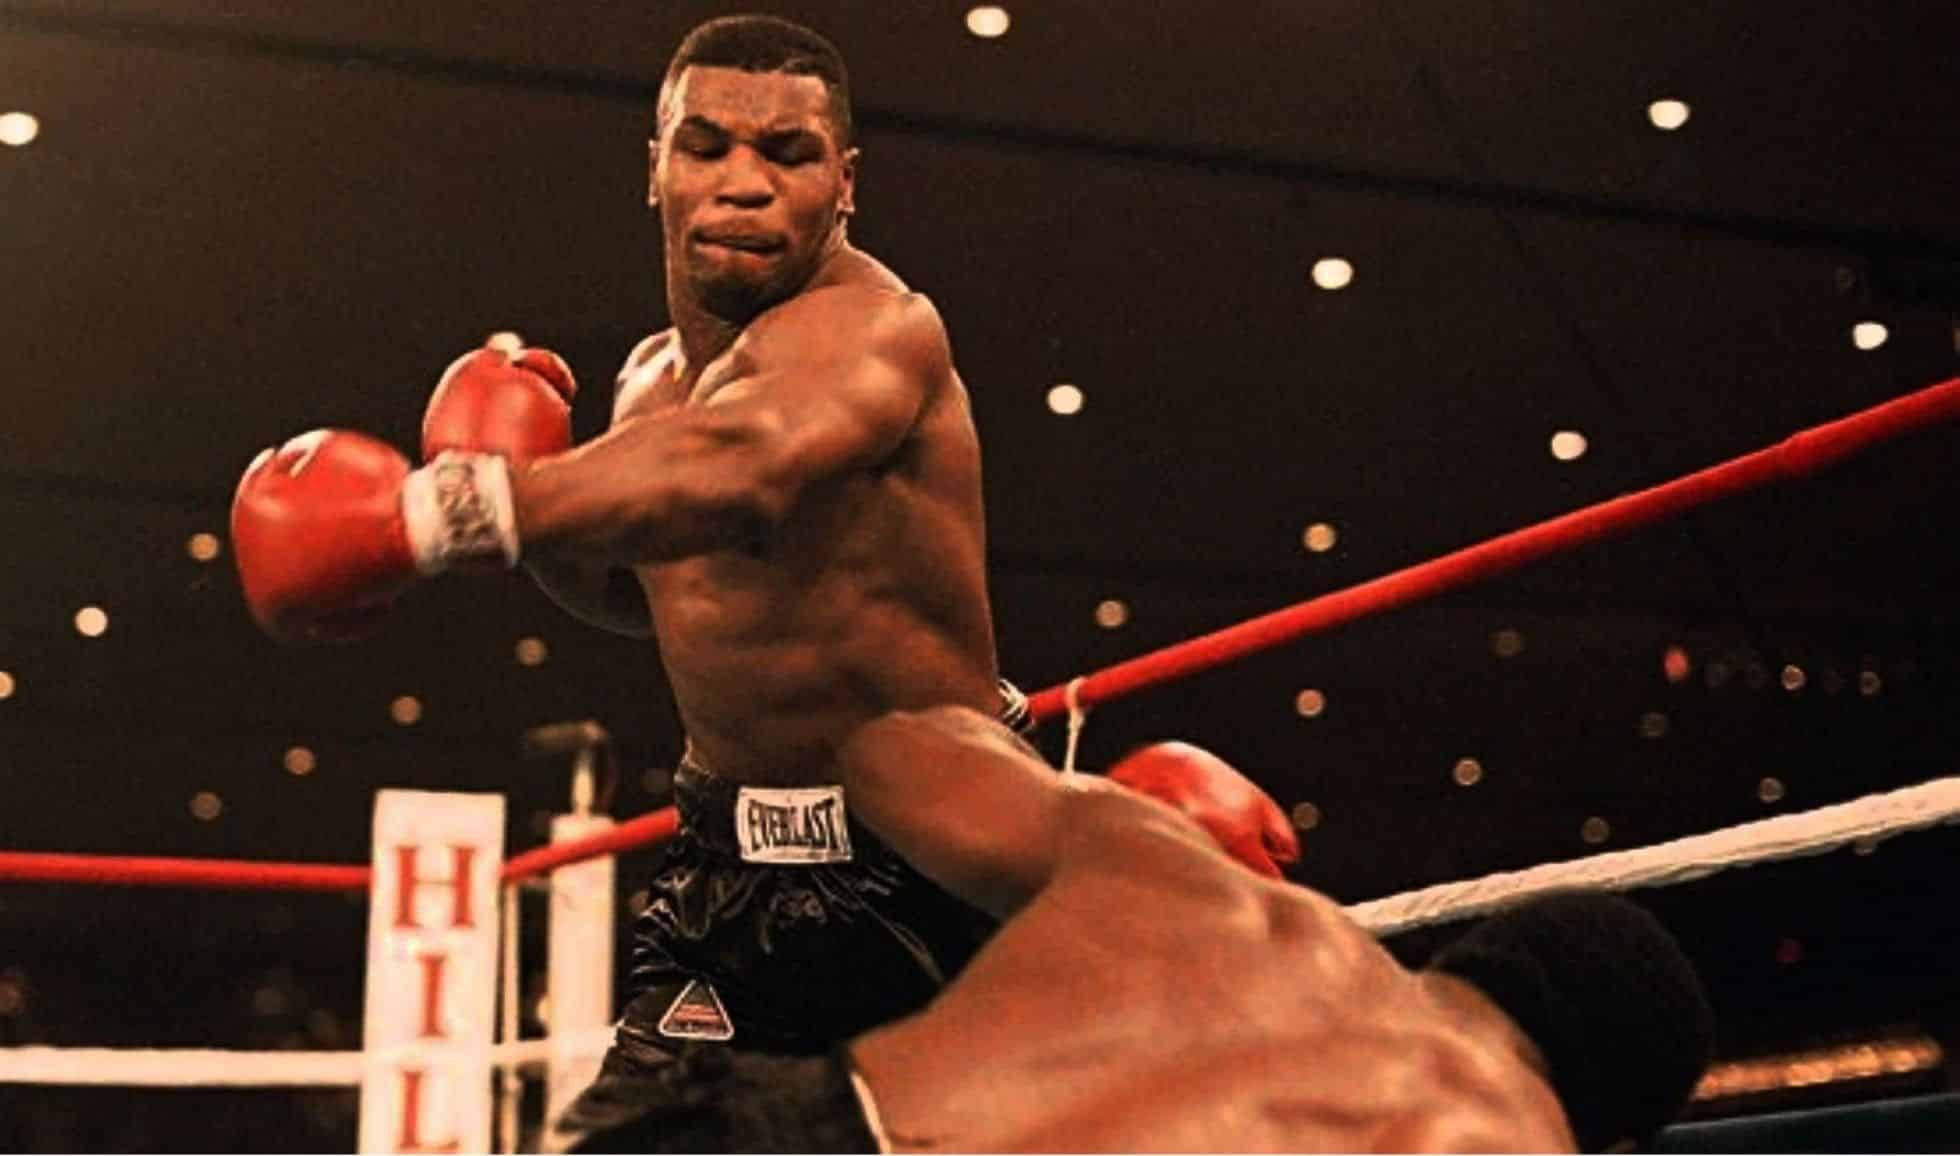 Boxe : Mike Tyson annonce son retour sur le ring